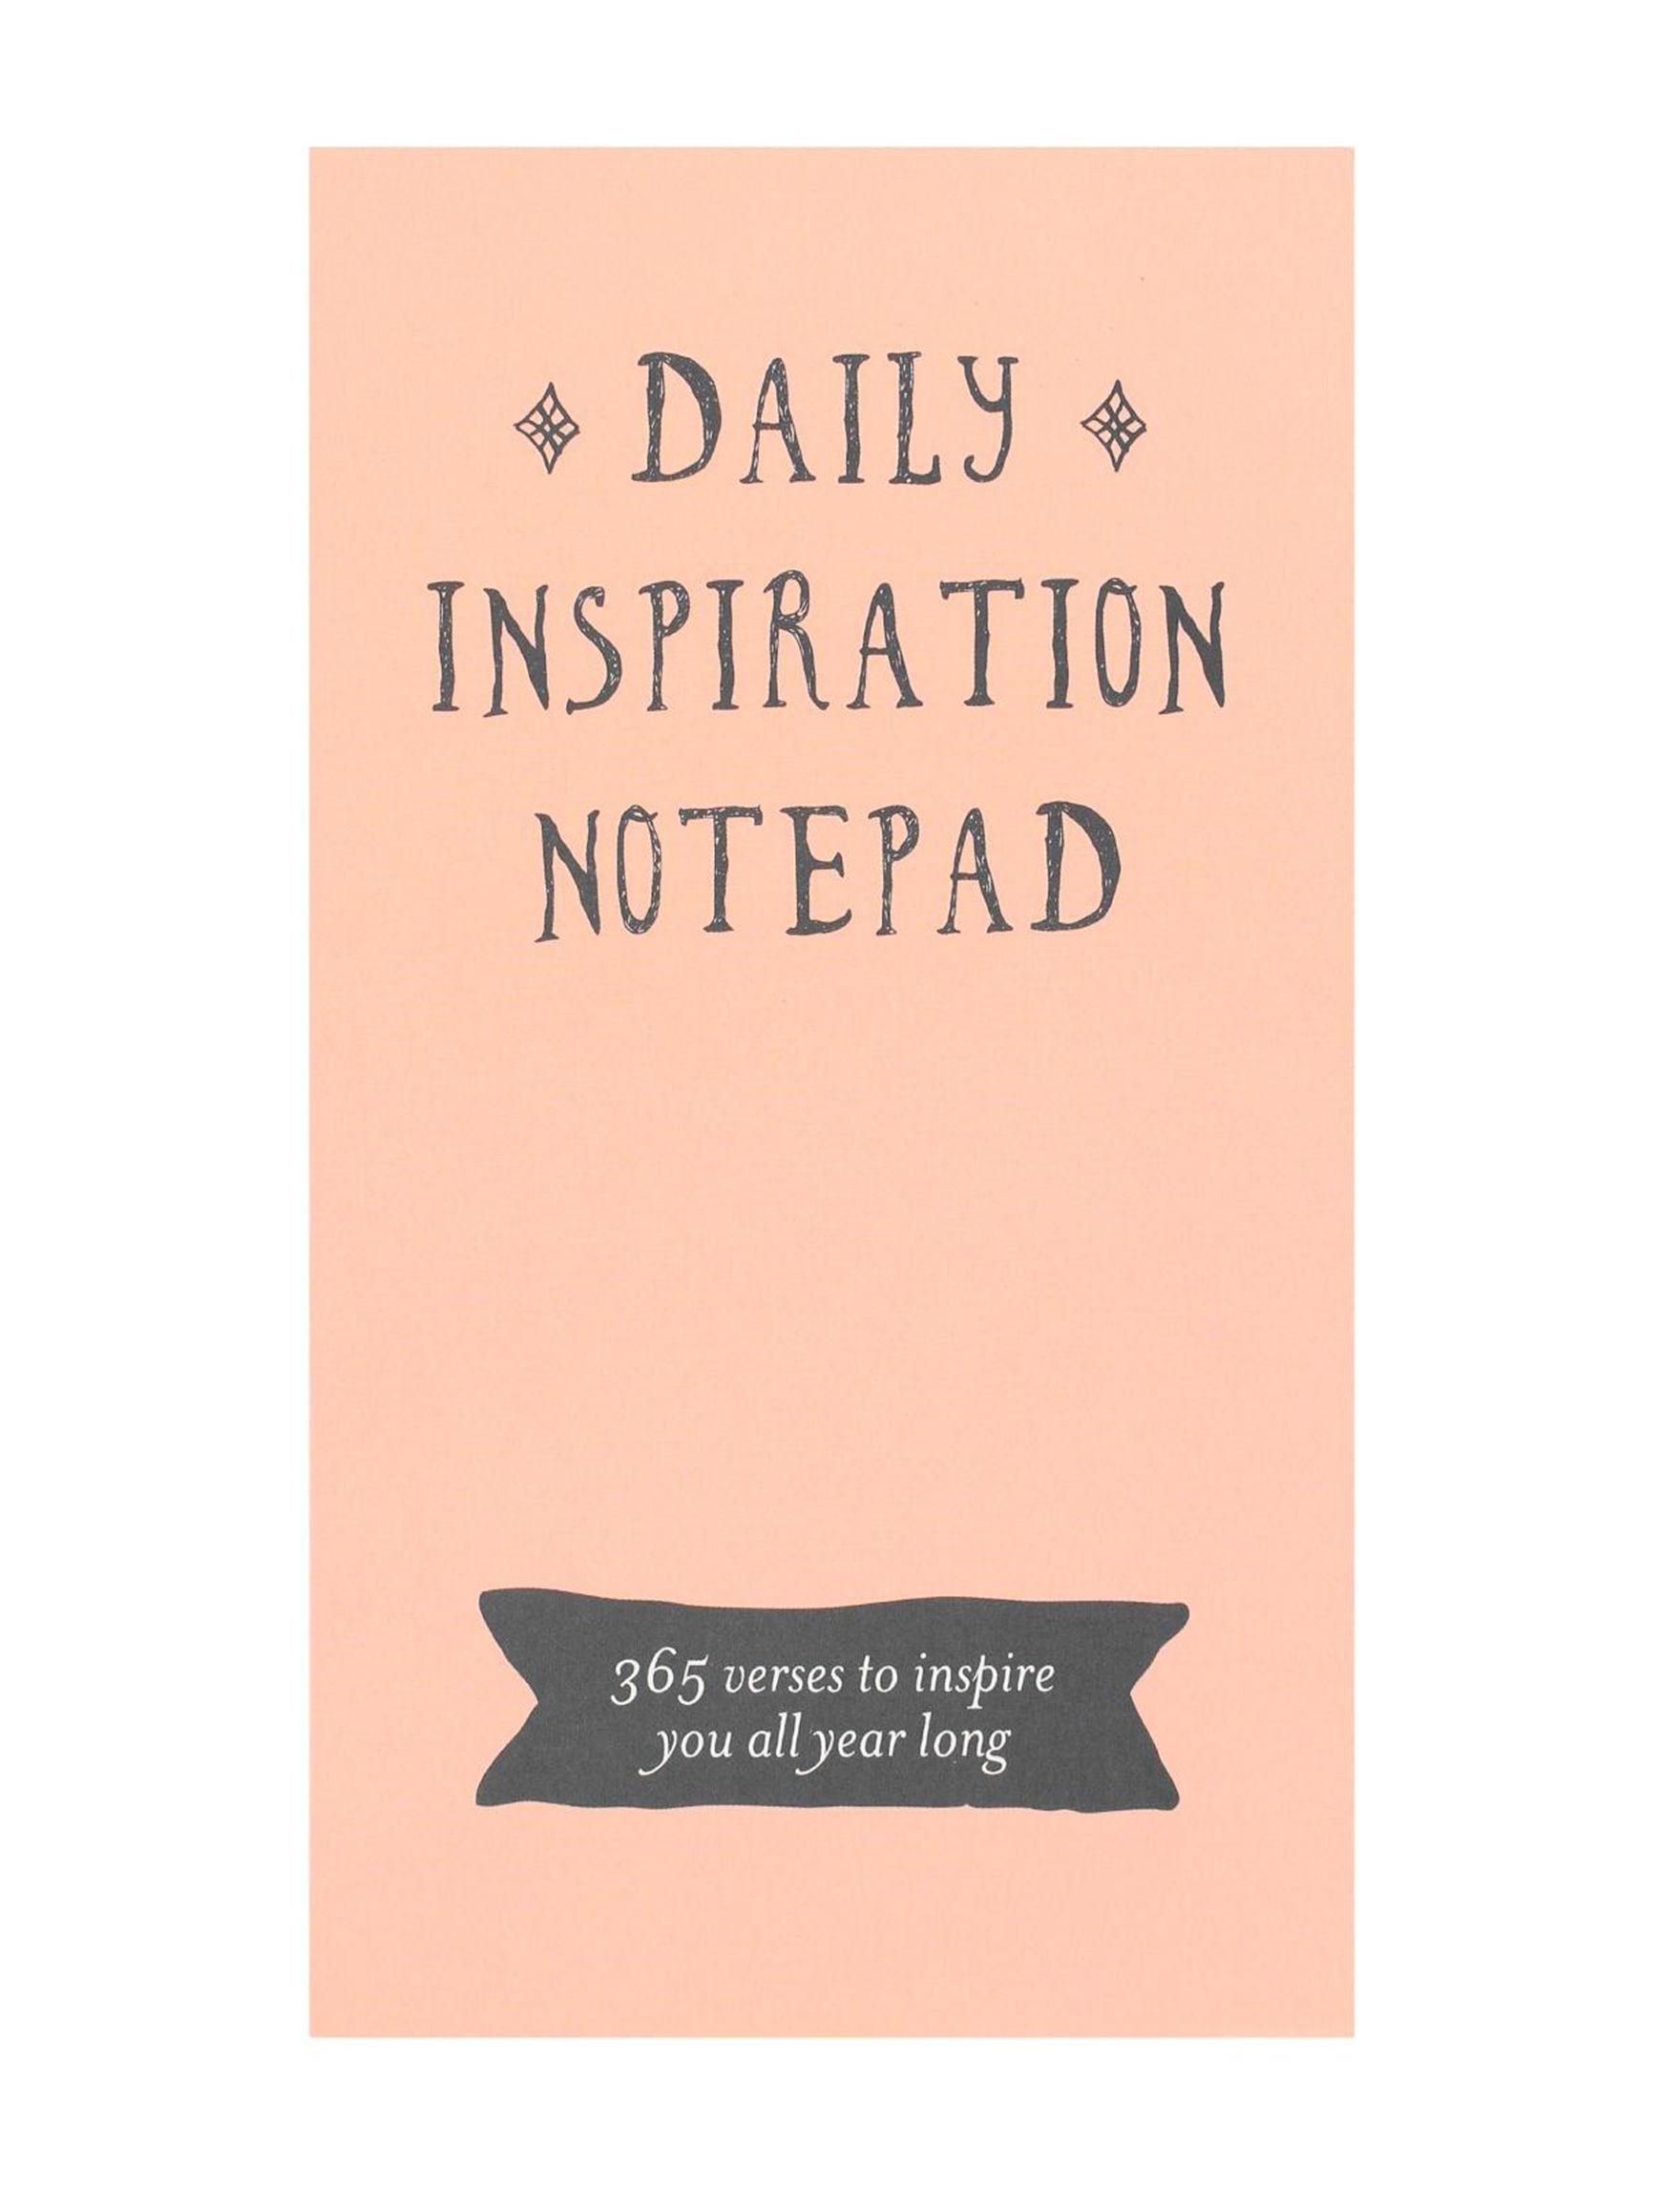 Eccolo Peach Journals & Notepads School & Office Supplies